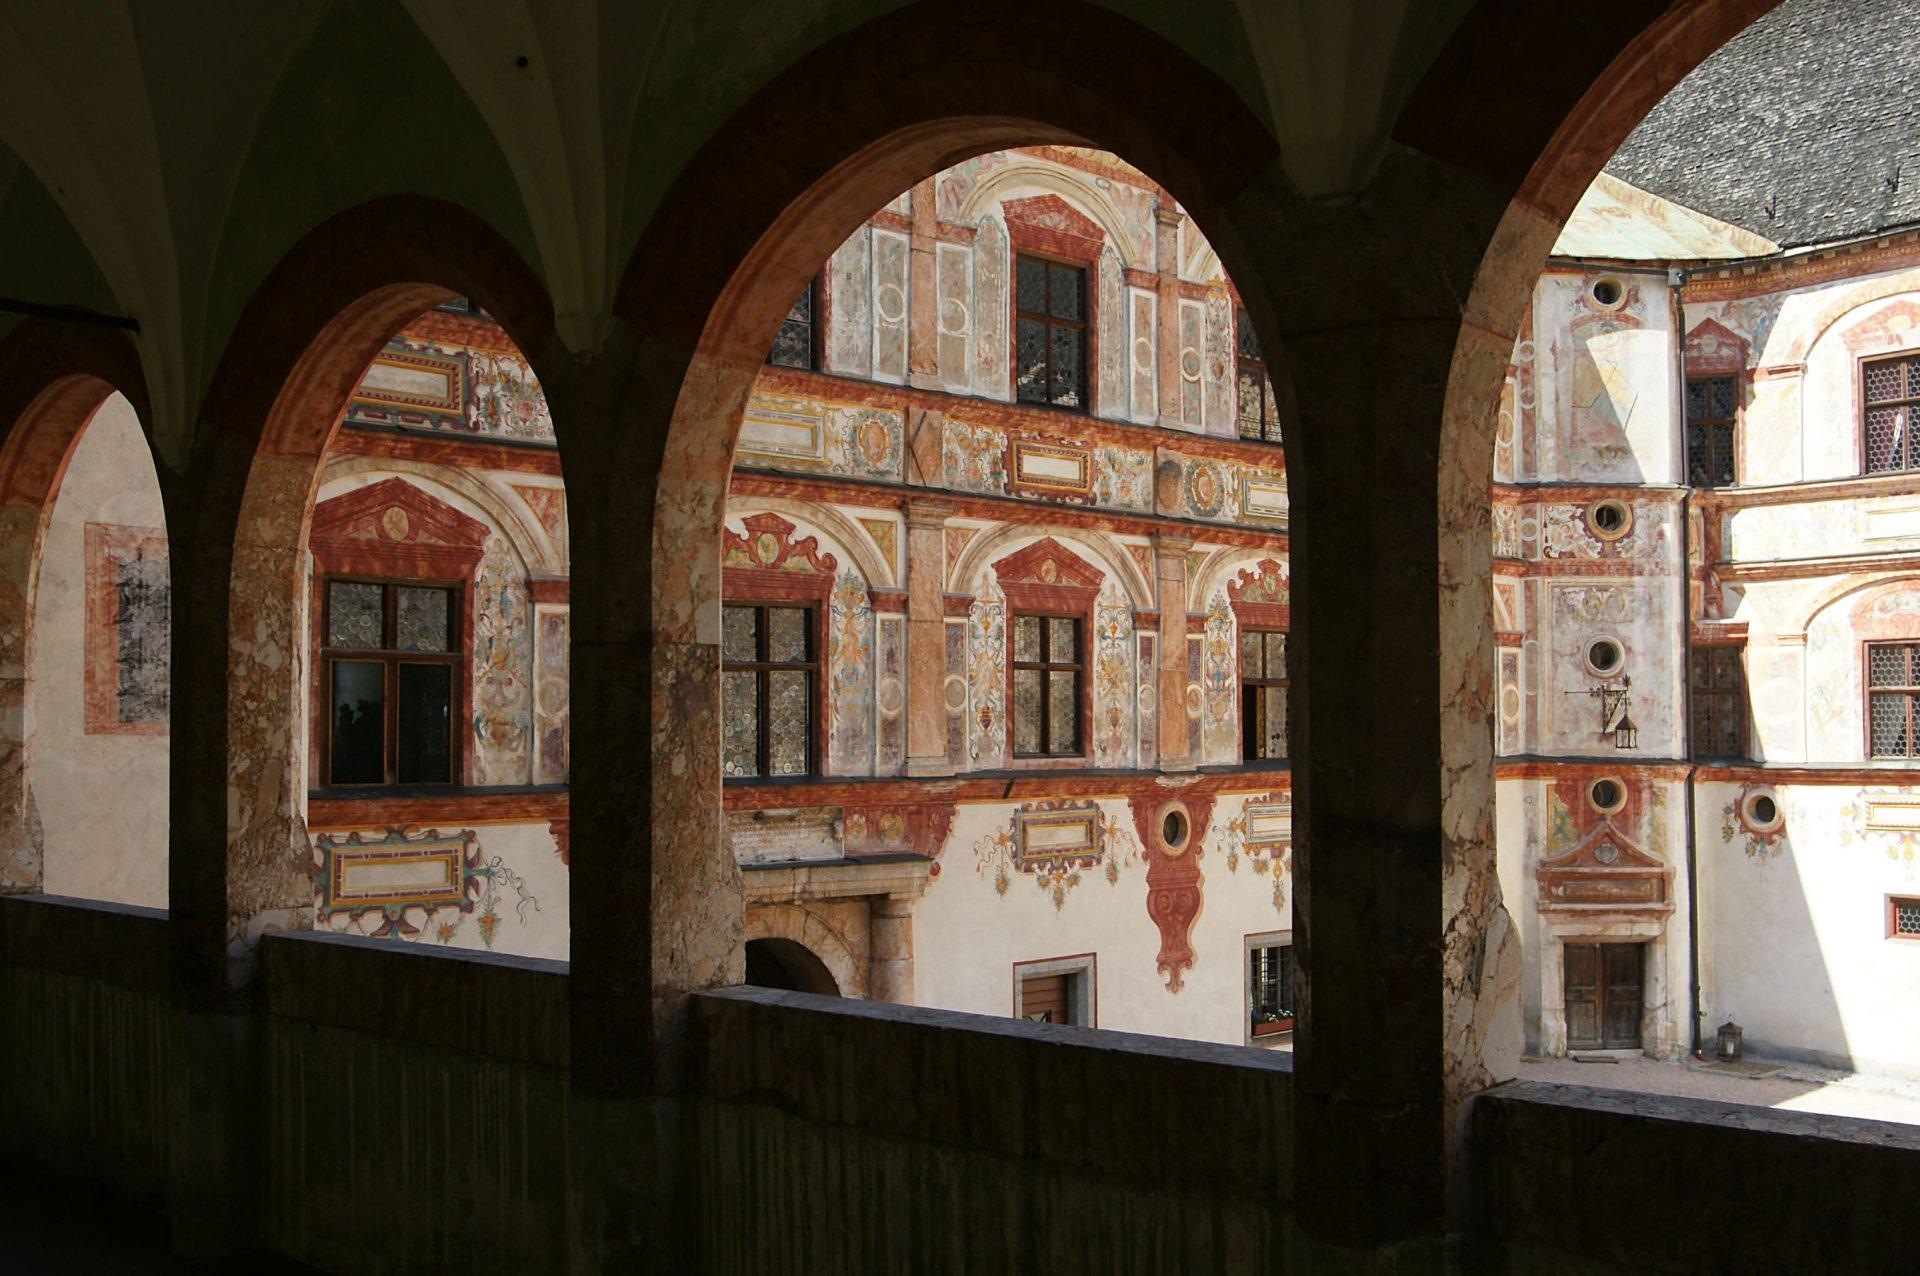 Schloss_Tratzberg_Innenhof_2.JPG